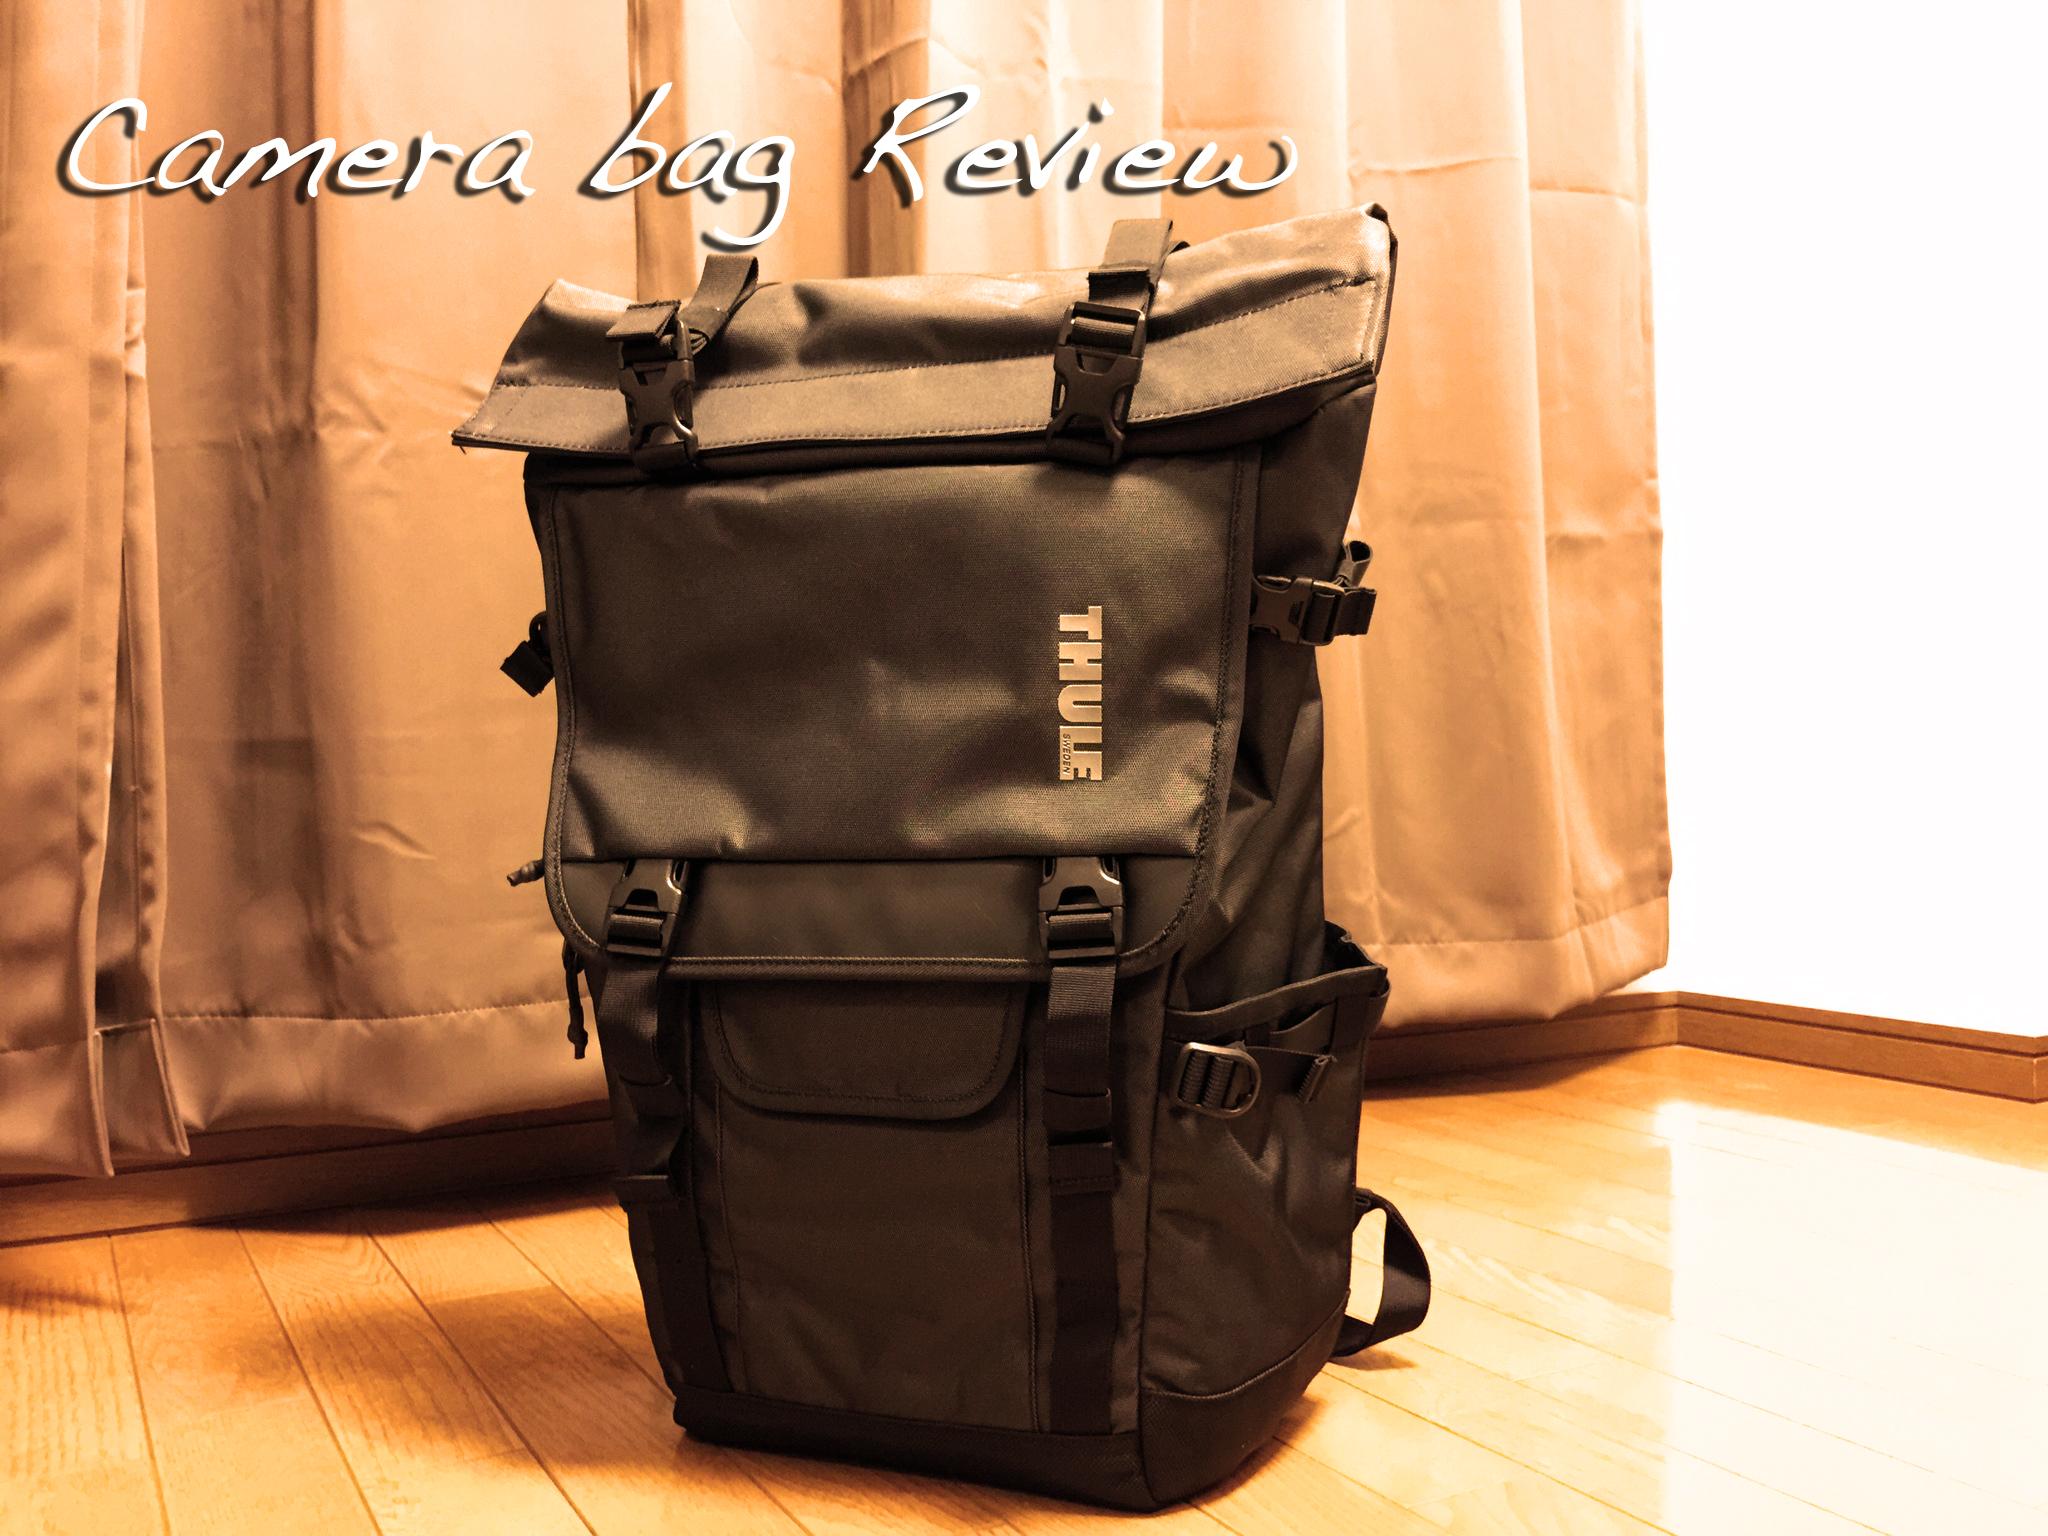 機材運びに持っていくバッグ (THULEカメラバッグ) -Camera Bag Review-